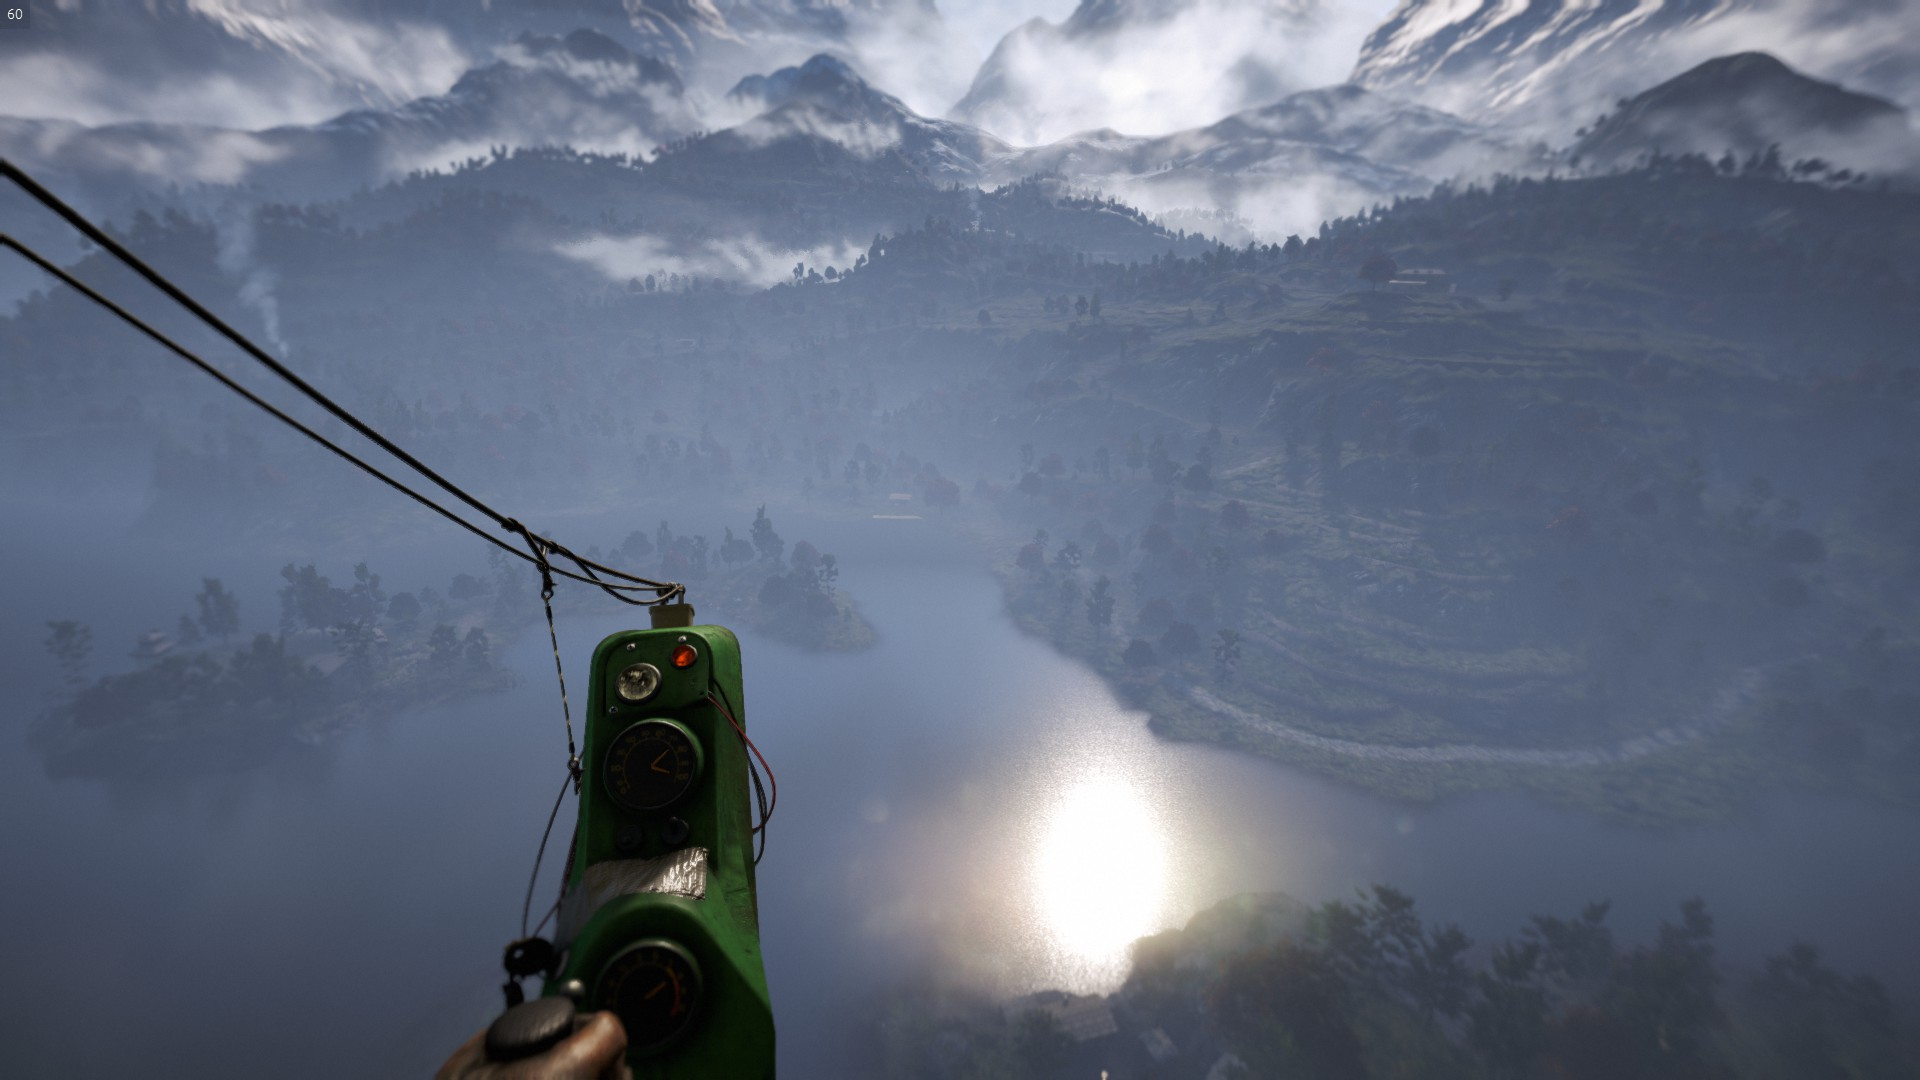 小型ヘリによる上空からの景色。